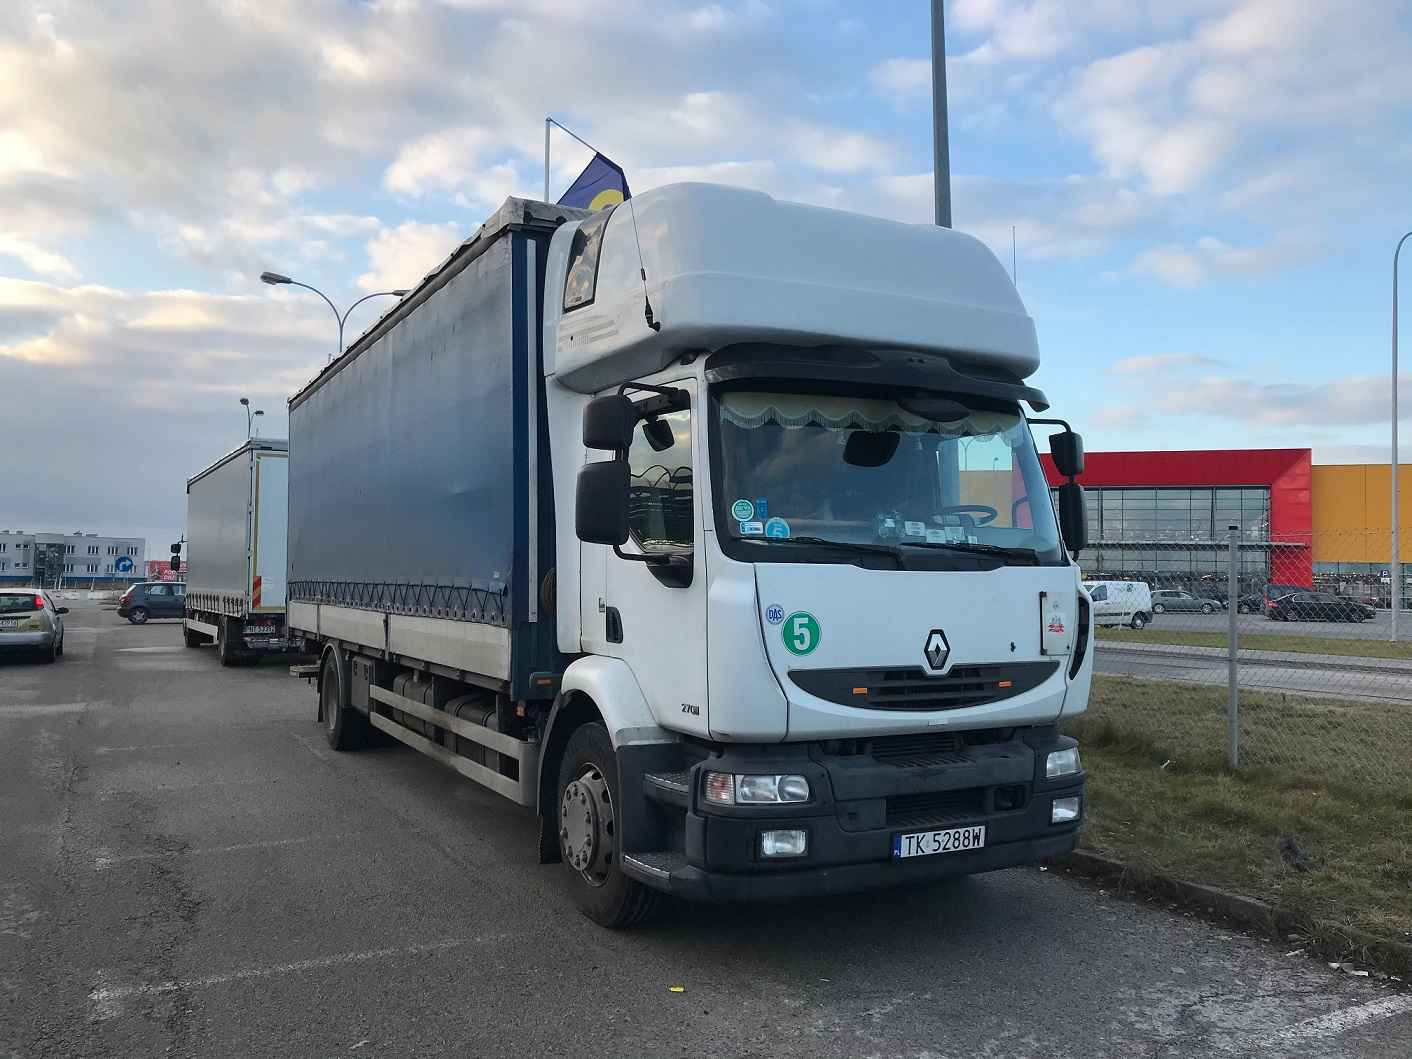 Przeprowadzki Kielce świętokrzyskie transport rzeczy cała Polska Kielce - zdjęcie 3